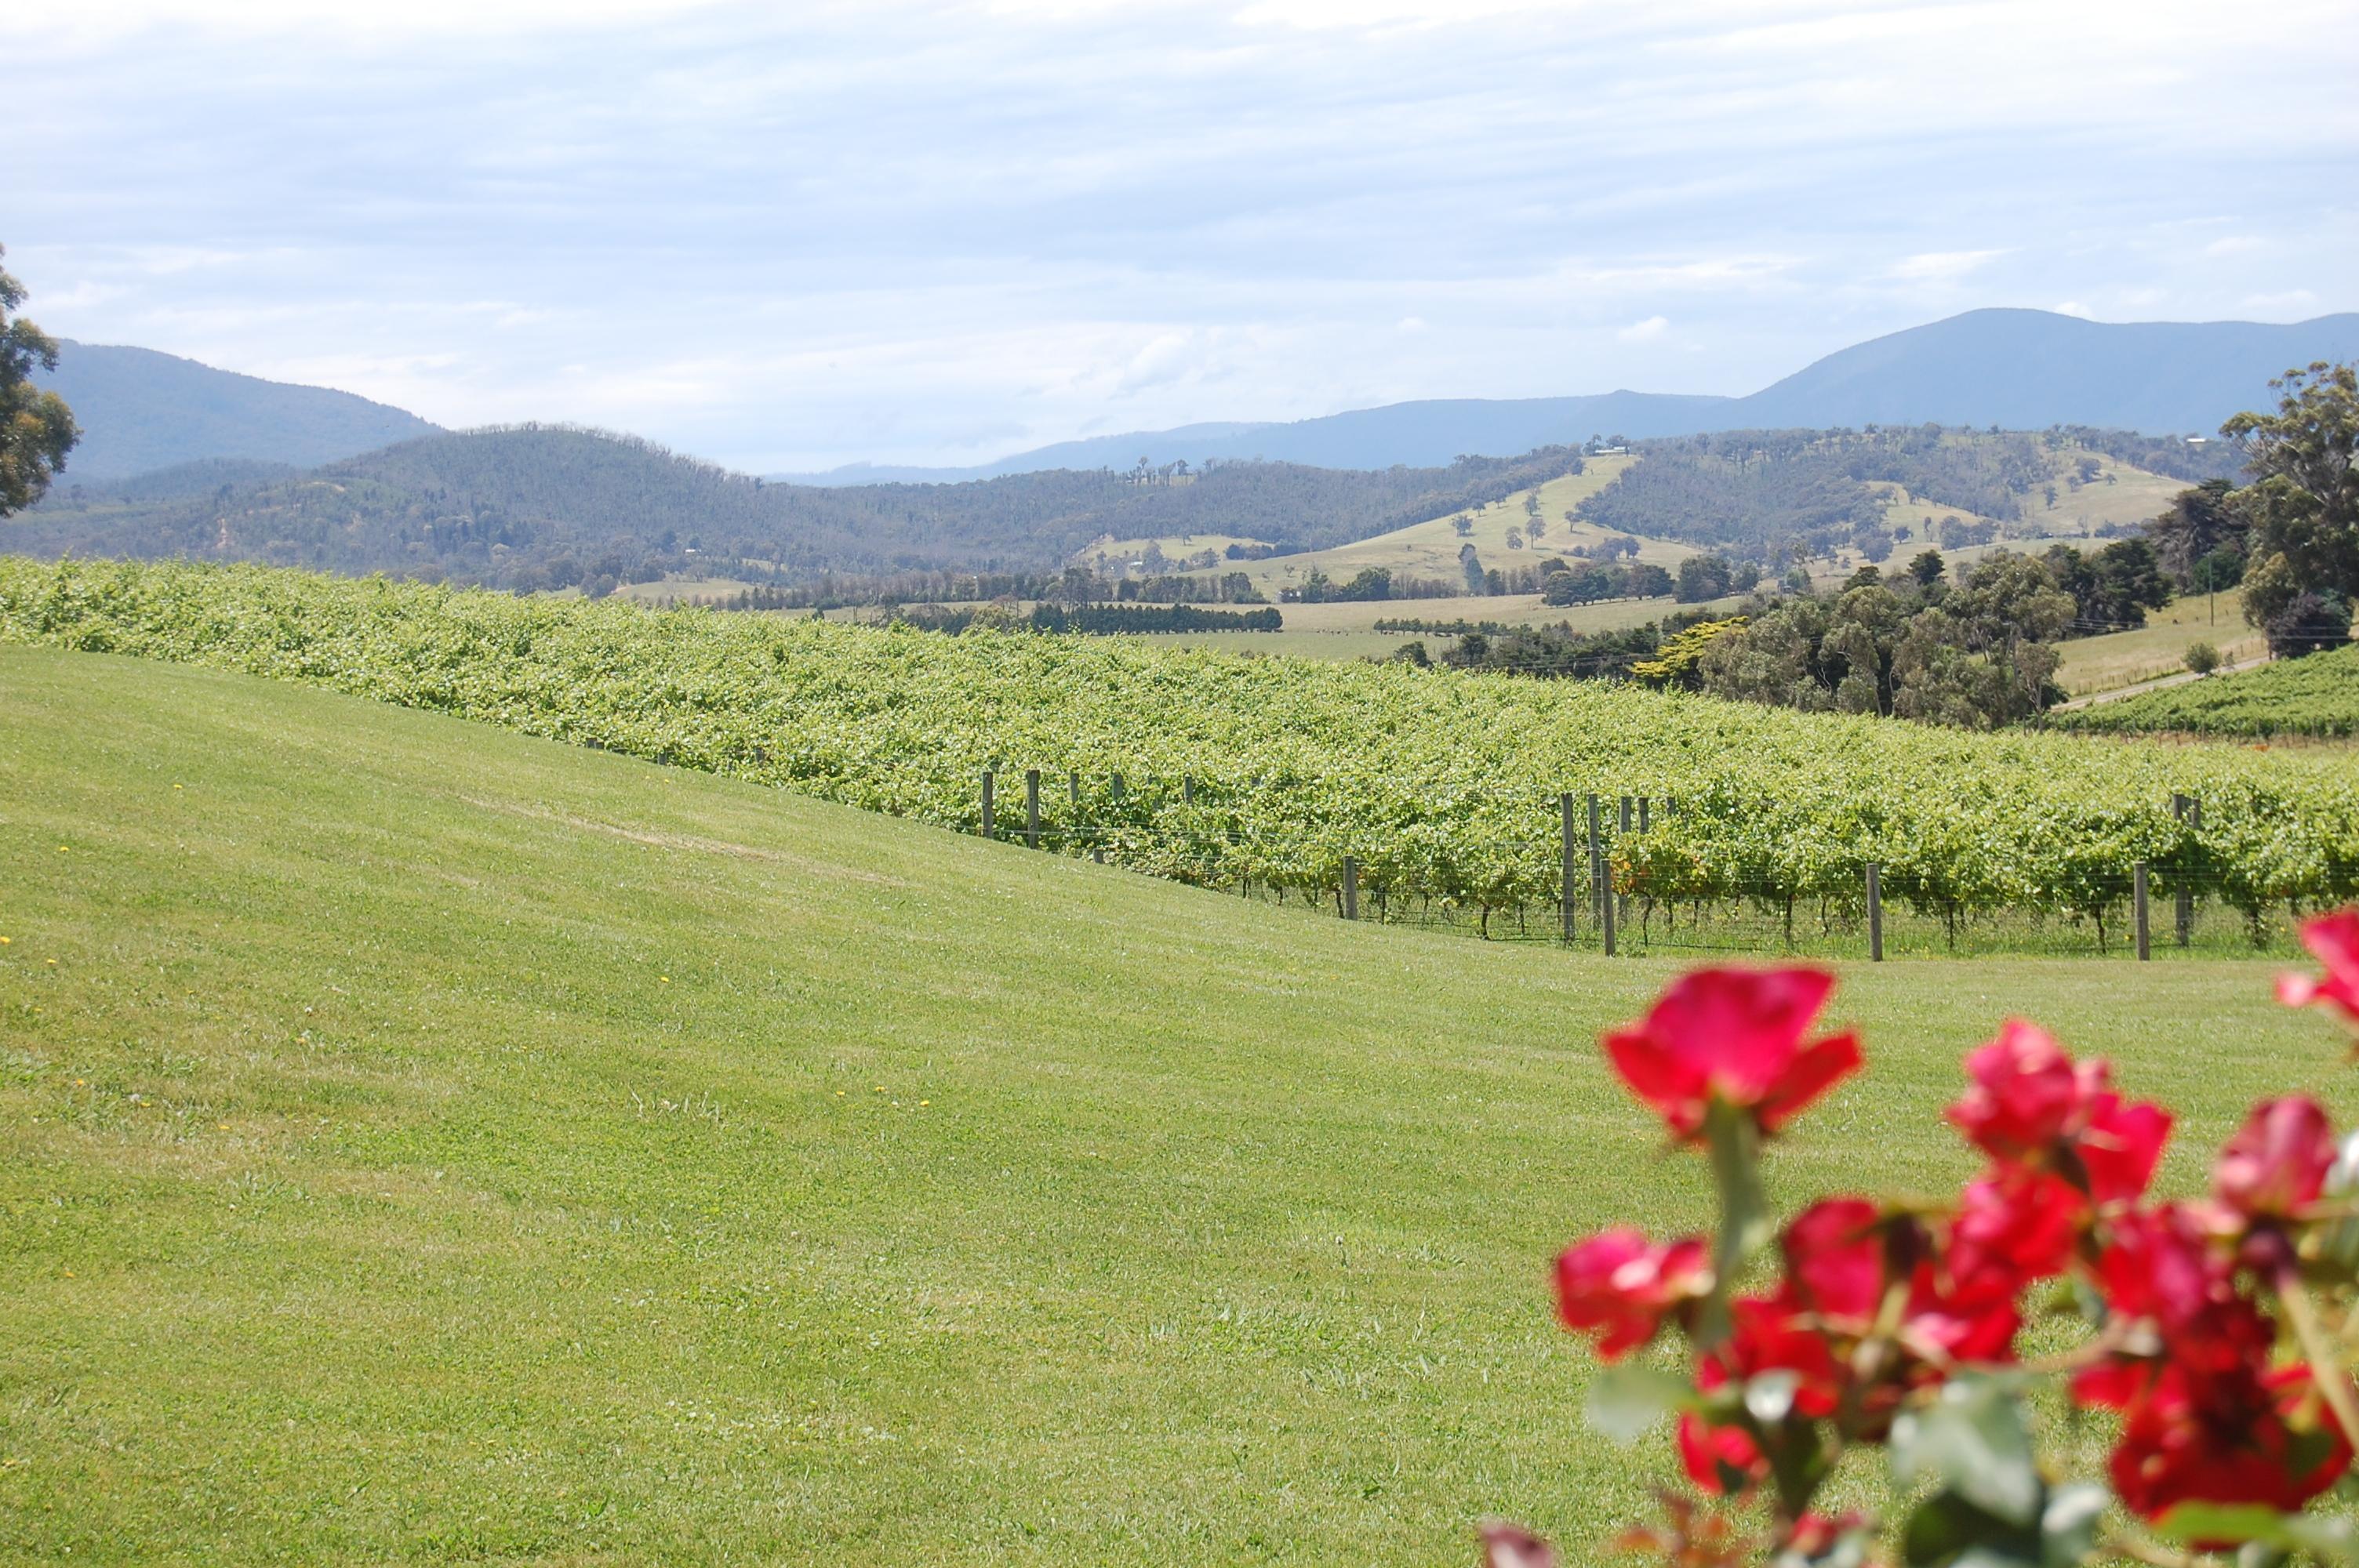 yarra valley - victoria australia sabrina barbante